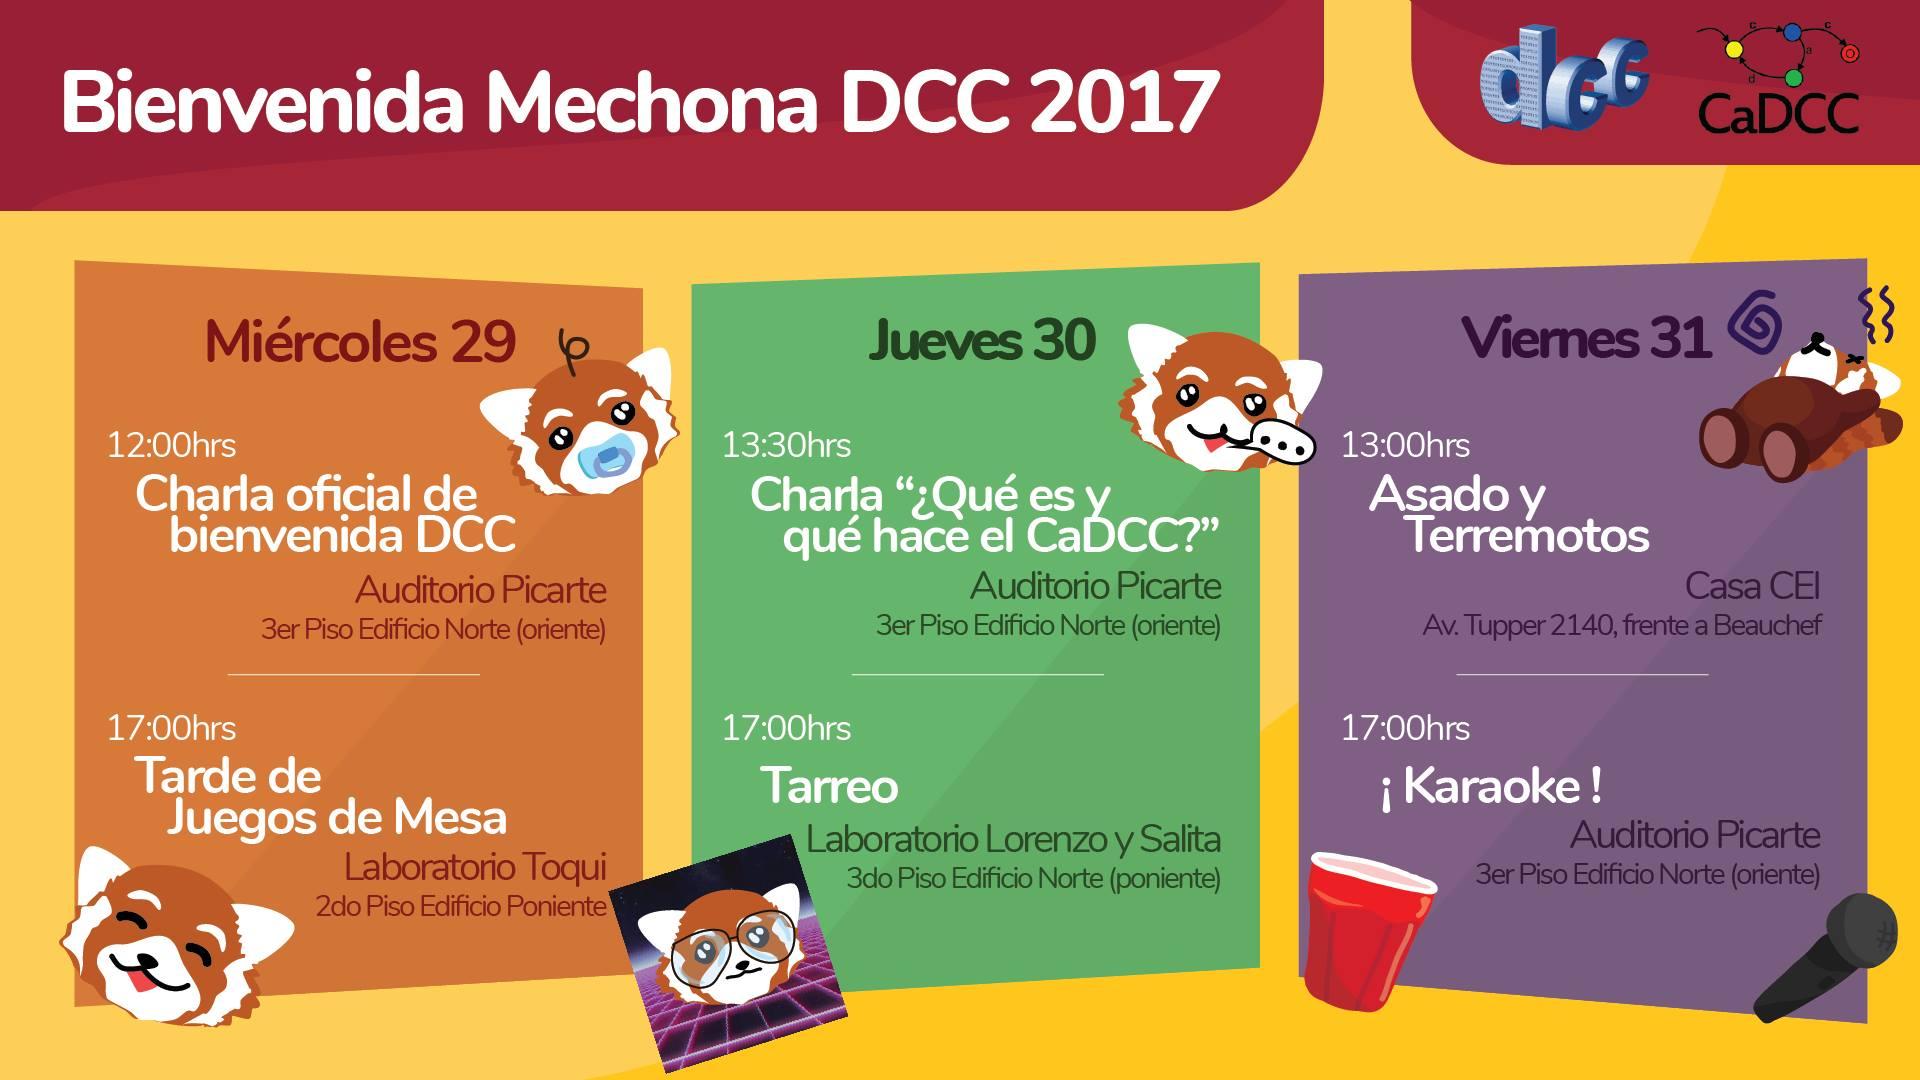 Bienvenida Mechona, Afiche Oficial